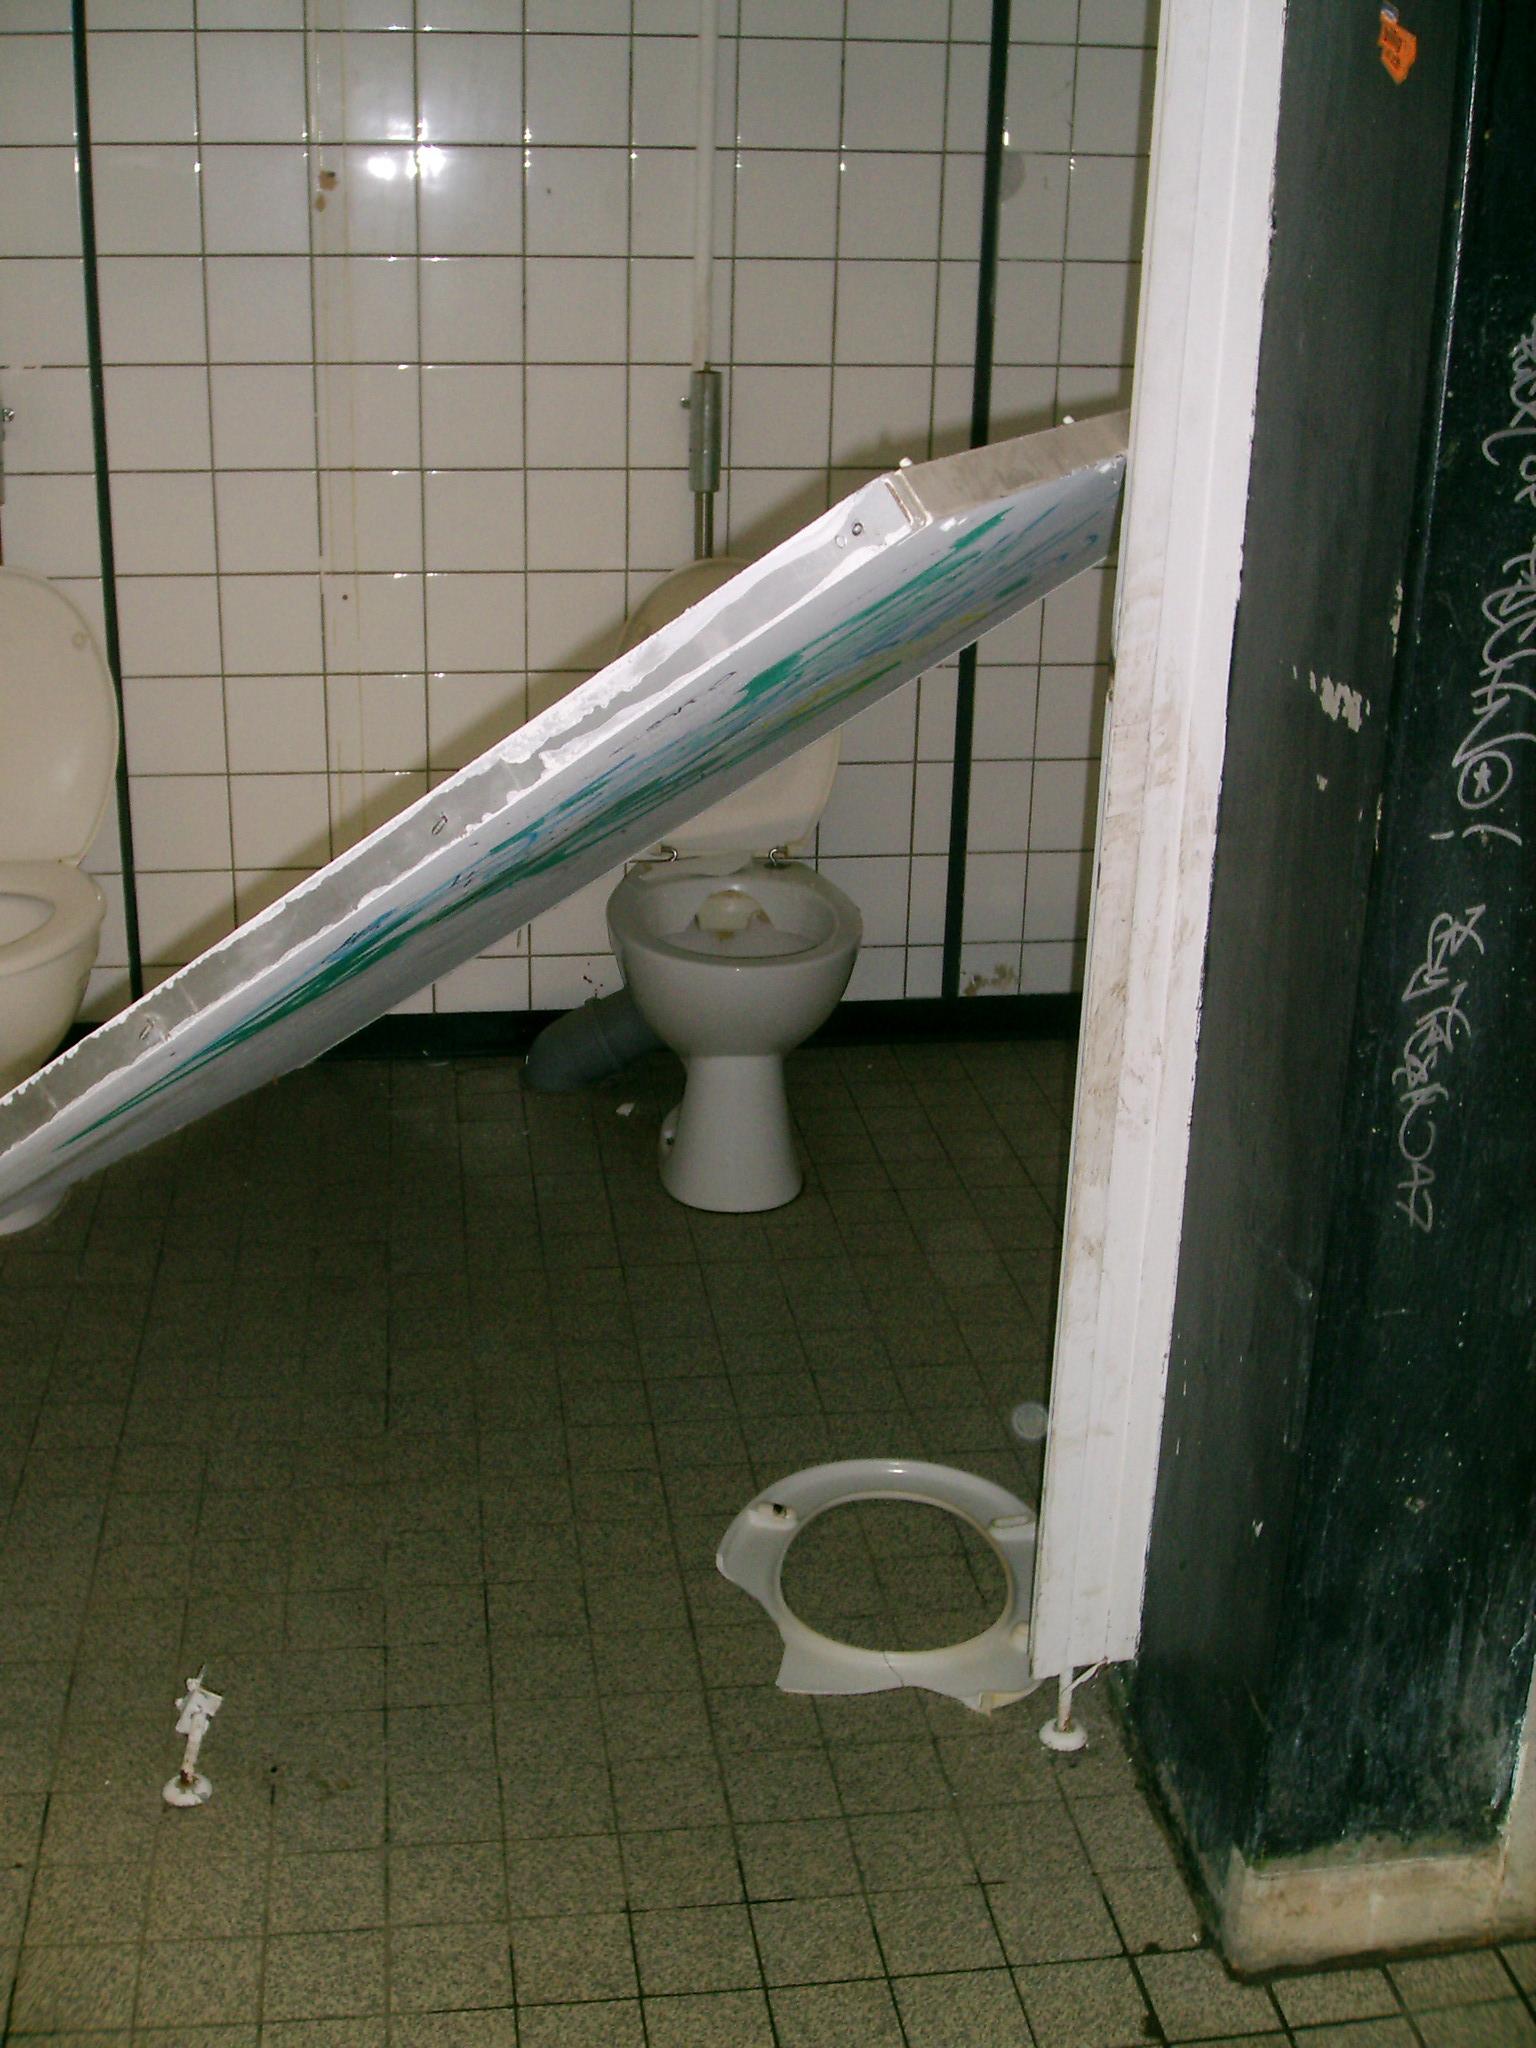 toilette verstopft was tun hausmittel hallo ihr lieben wenn man nicht genau aufpasst ist der. Black Bedroom Furniture Sets. Home Design Ideas